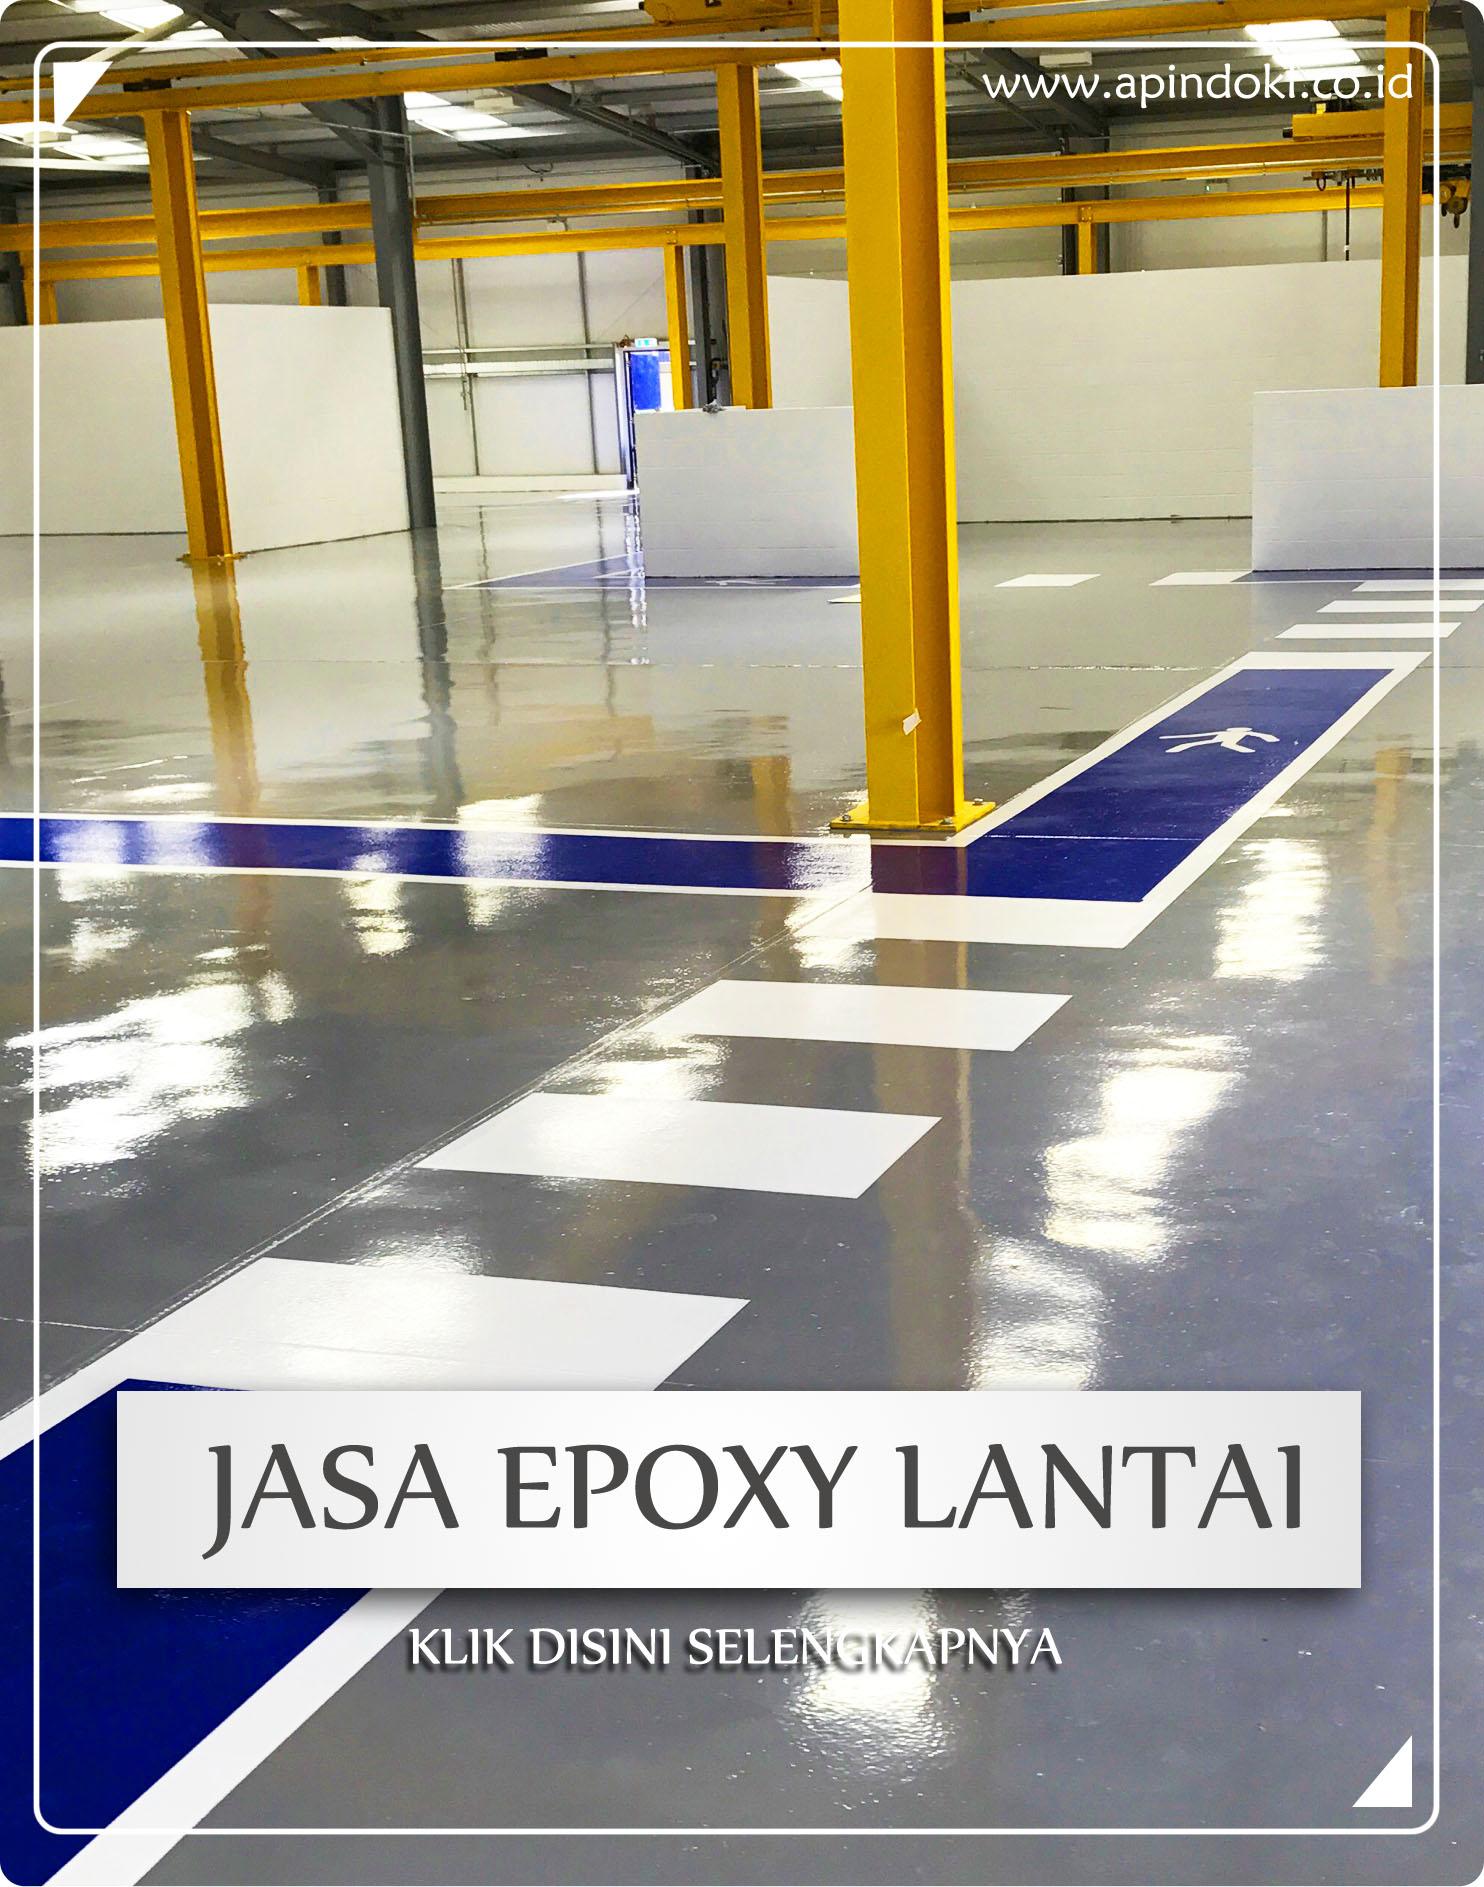 Jasa Epoxy Lantai - Thumbnail